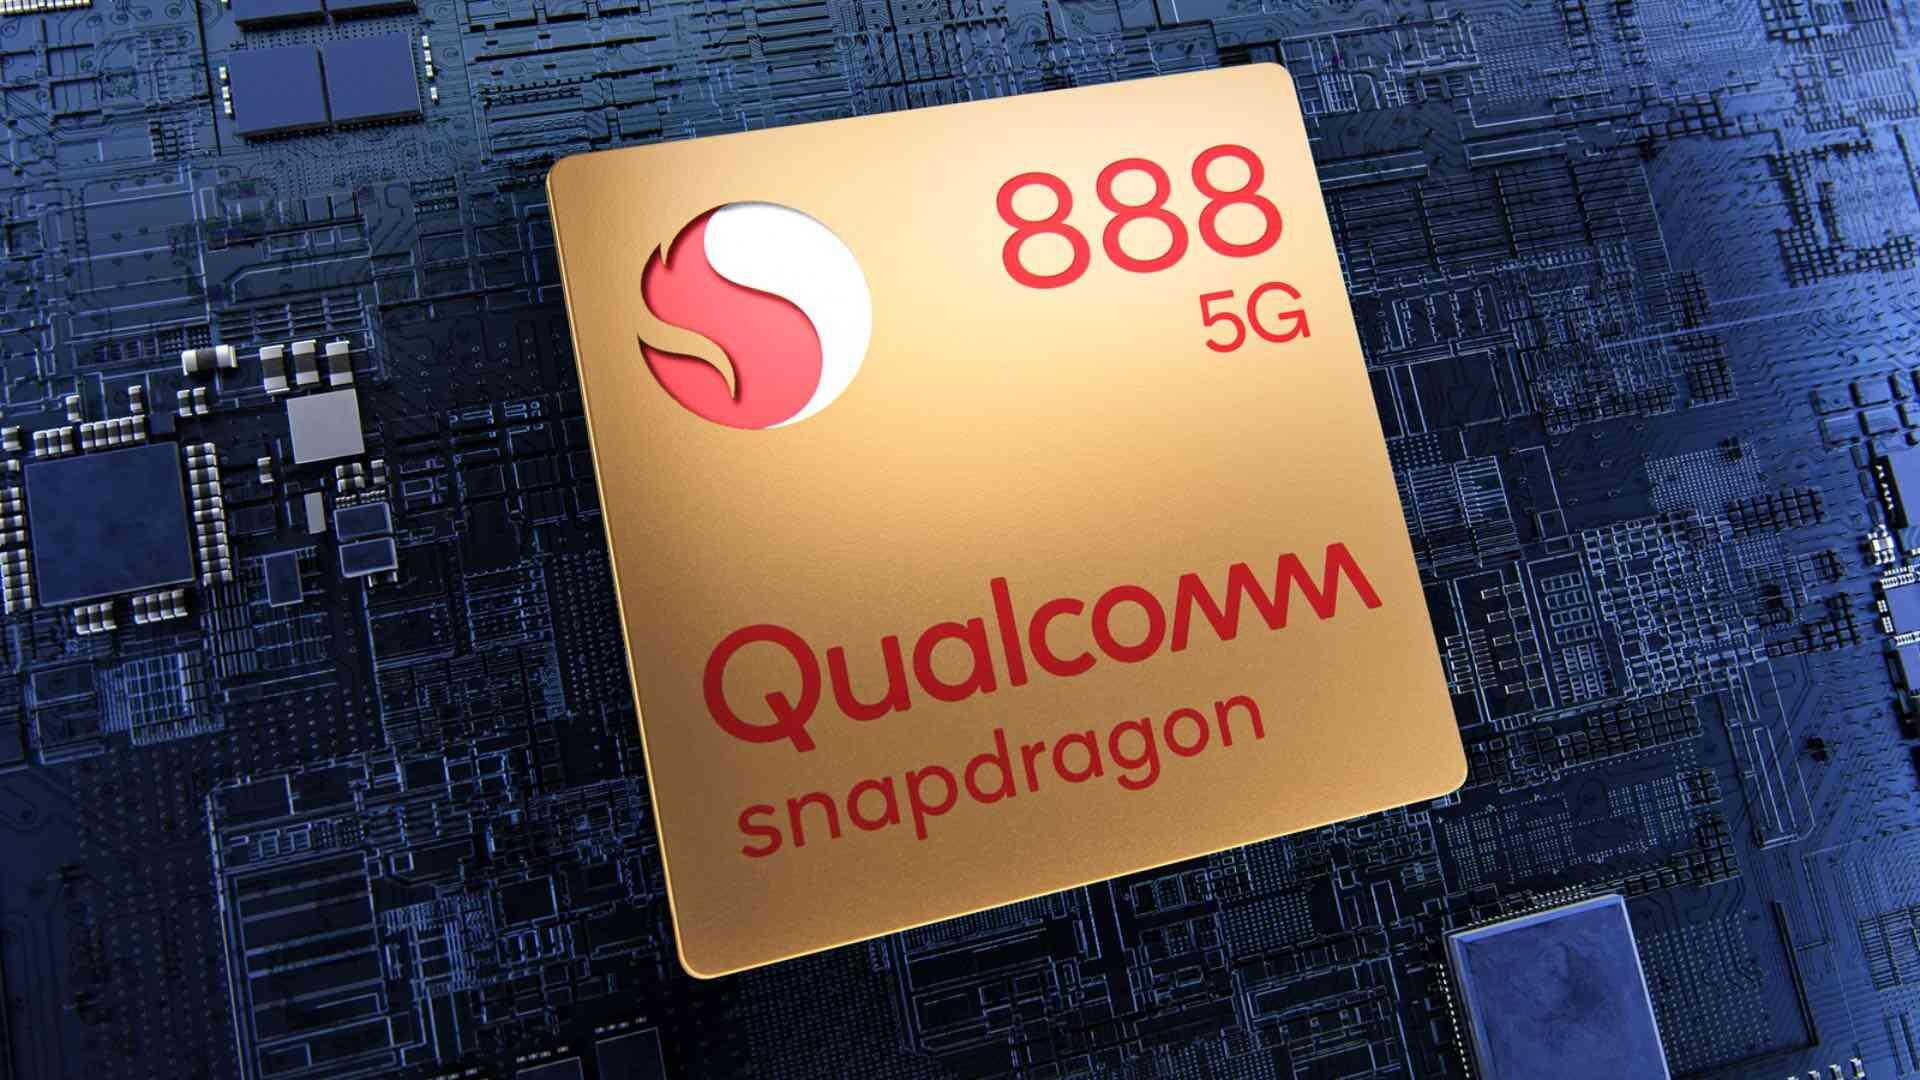 xiaomi snapdragon 888 nome spiegazione